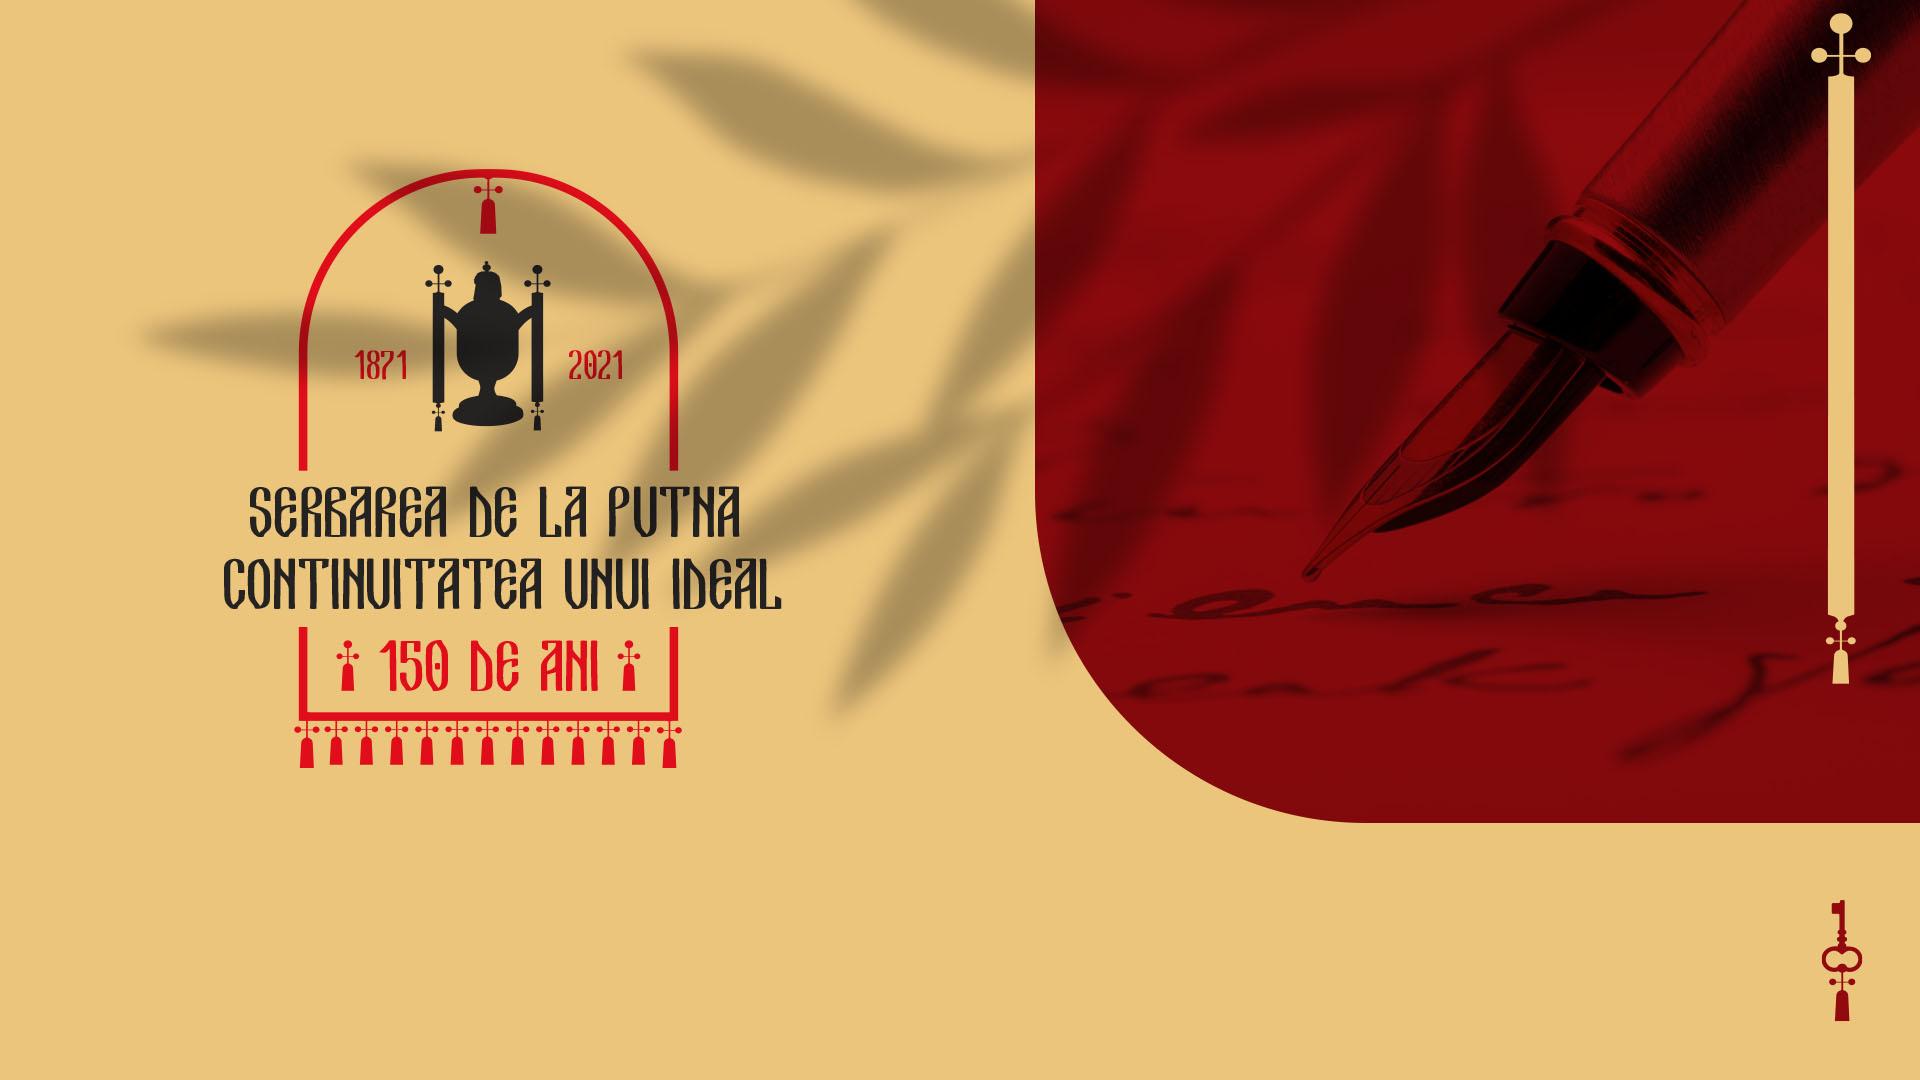 Concurs de creație literară / Serbare Putna 150